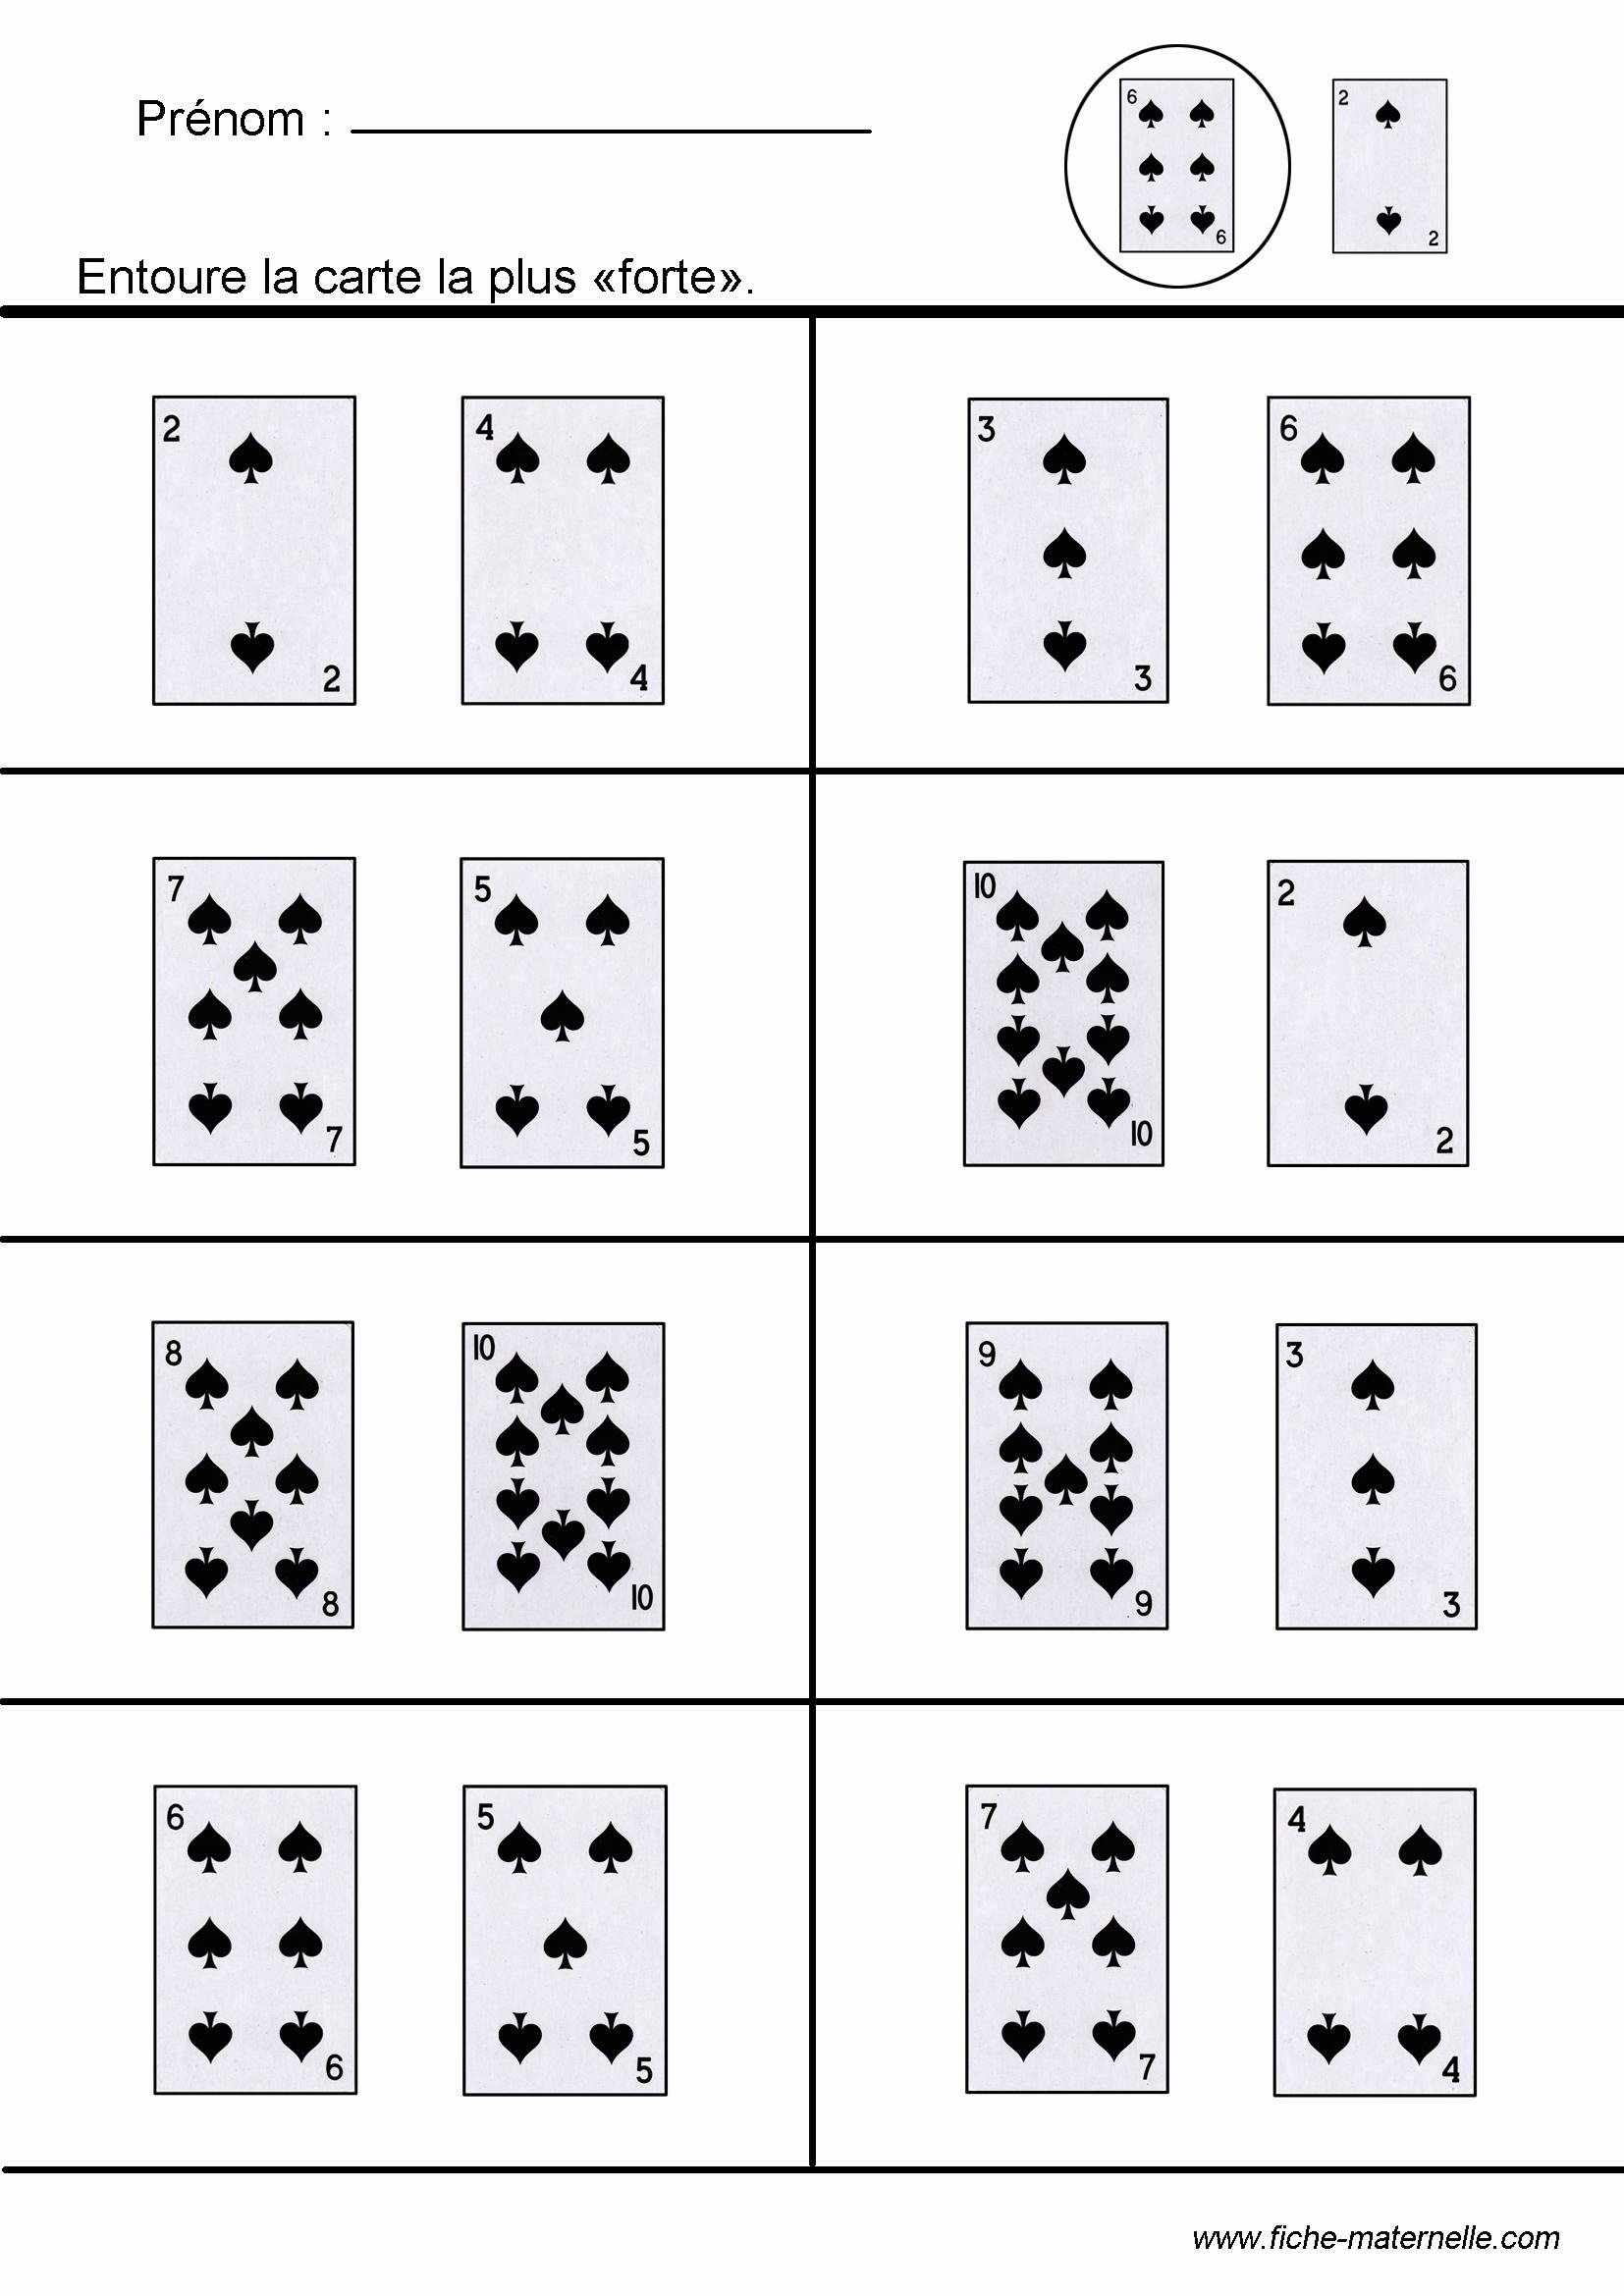 Jeux Mathématiques Pour Apprendre À Compter, Dénombrer encequiconcerne Jeux Mathématiques À Imprimer